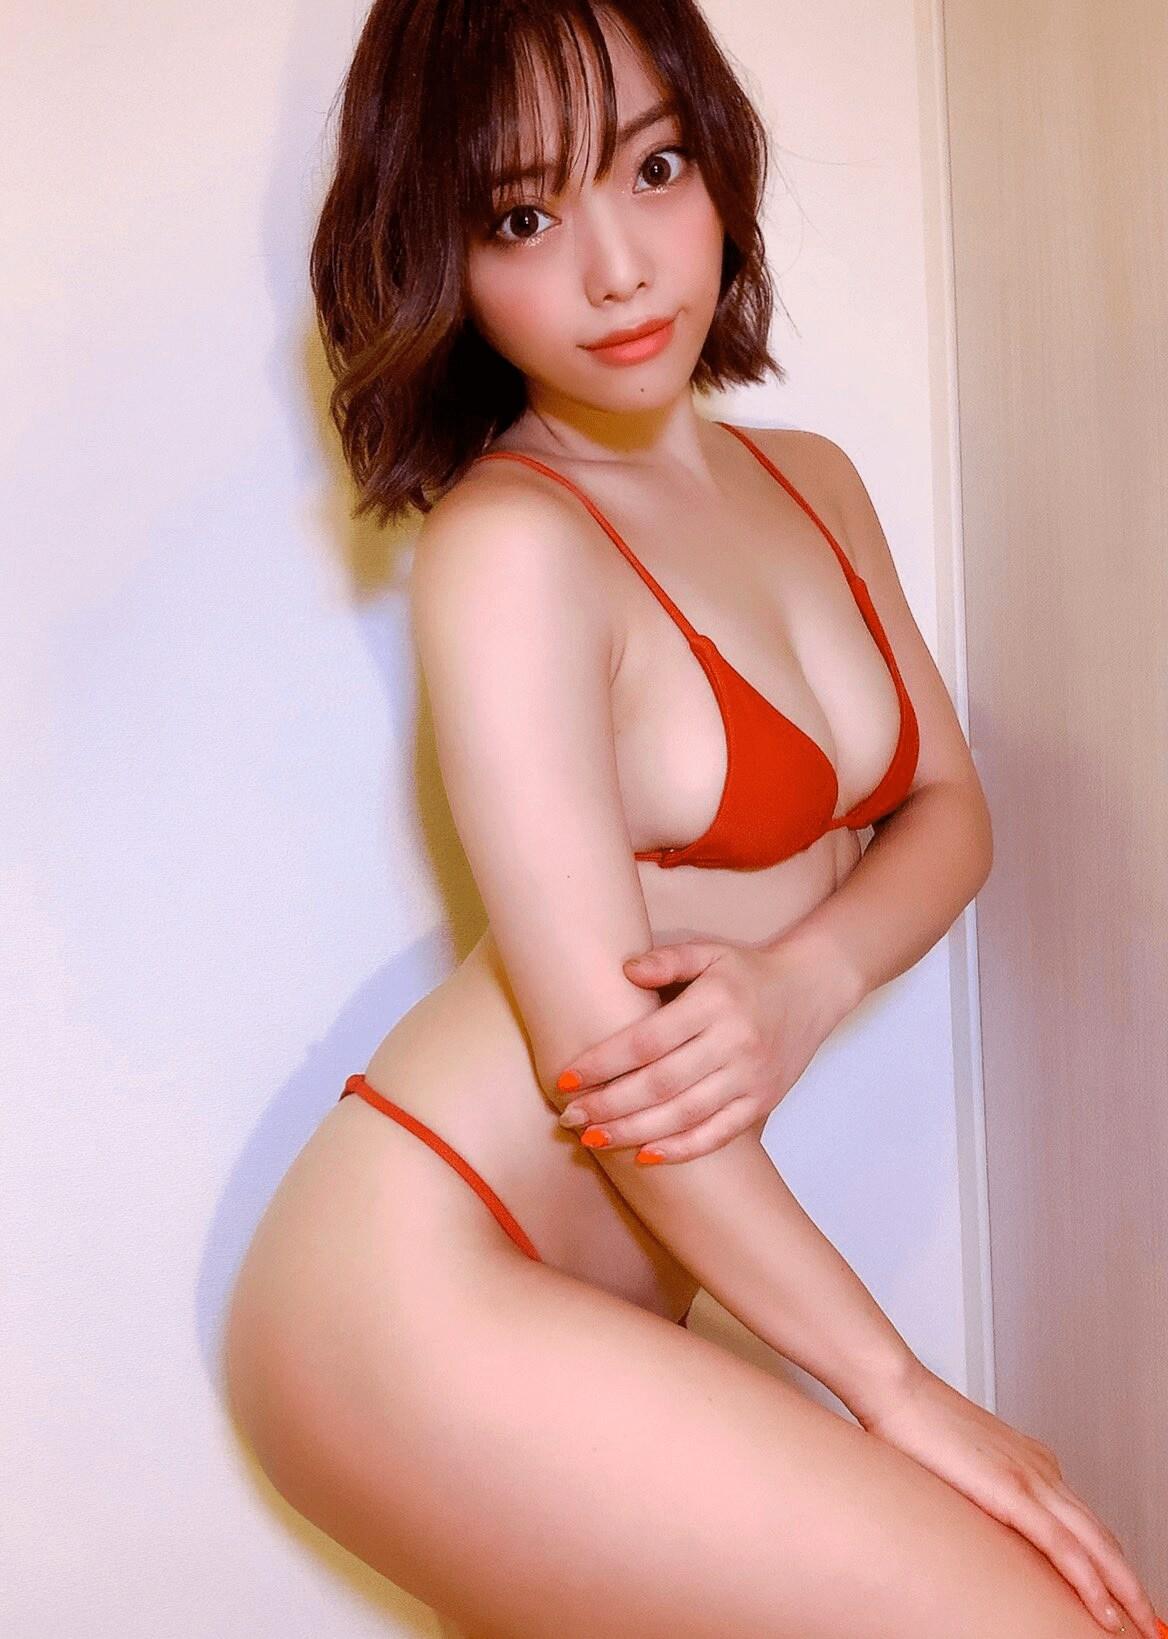 石川あんな「赤ビキニで尻テロ!」情熱的な食い込み【写真2枚】の画像002